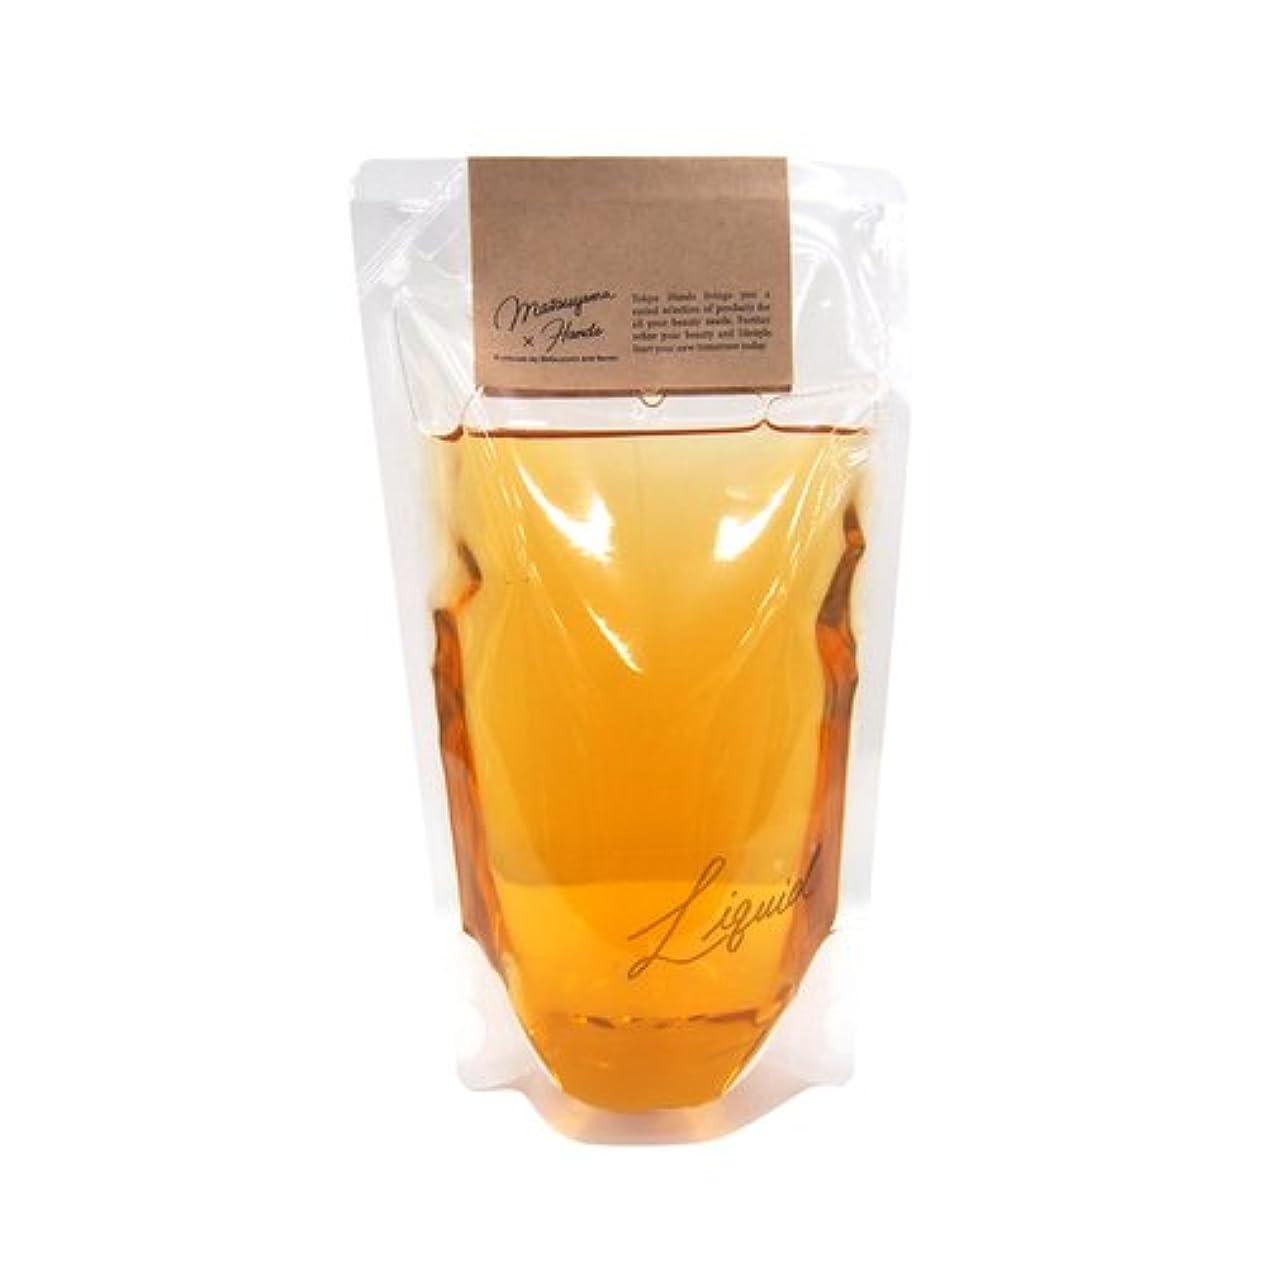 相対サイズティッシュ投げる松山油脂×東急ハンズ 東急ハンズオリジナル モイスチャーリキッドソープ カモミール替 280mL